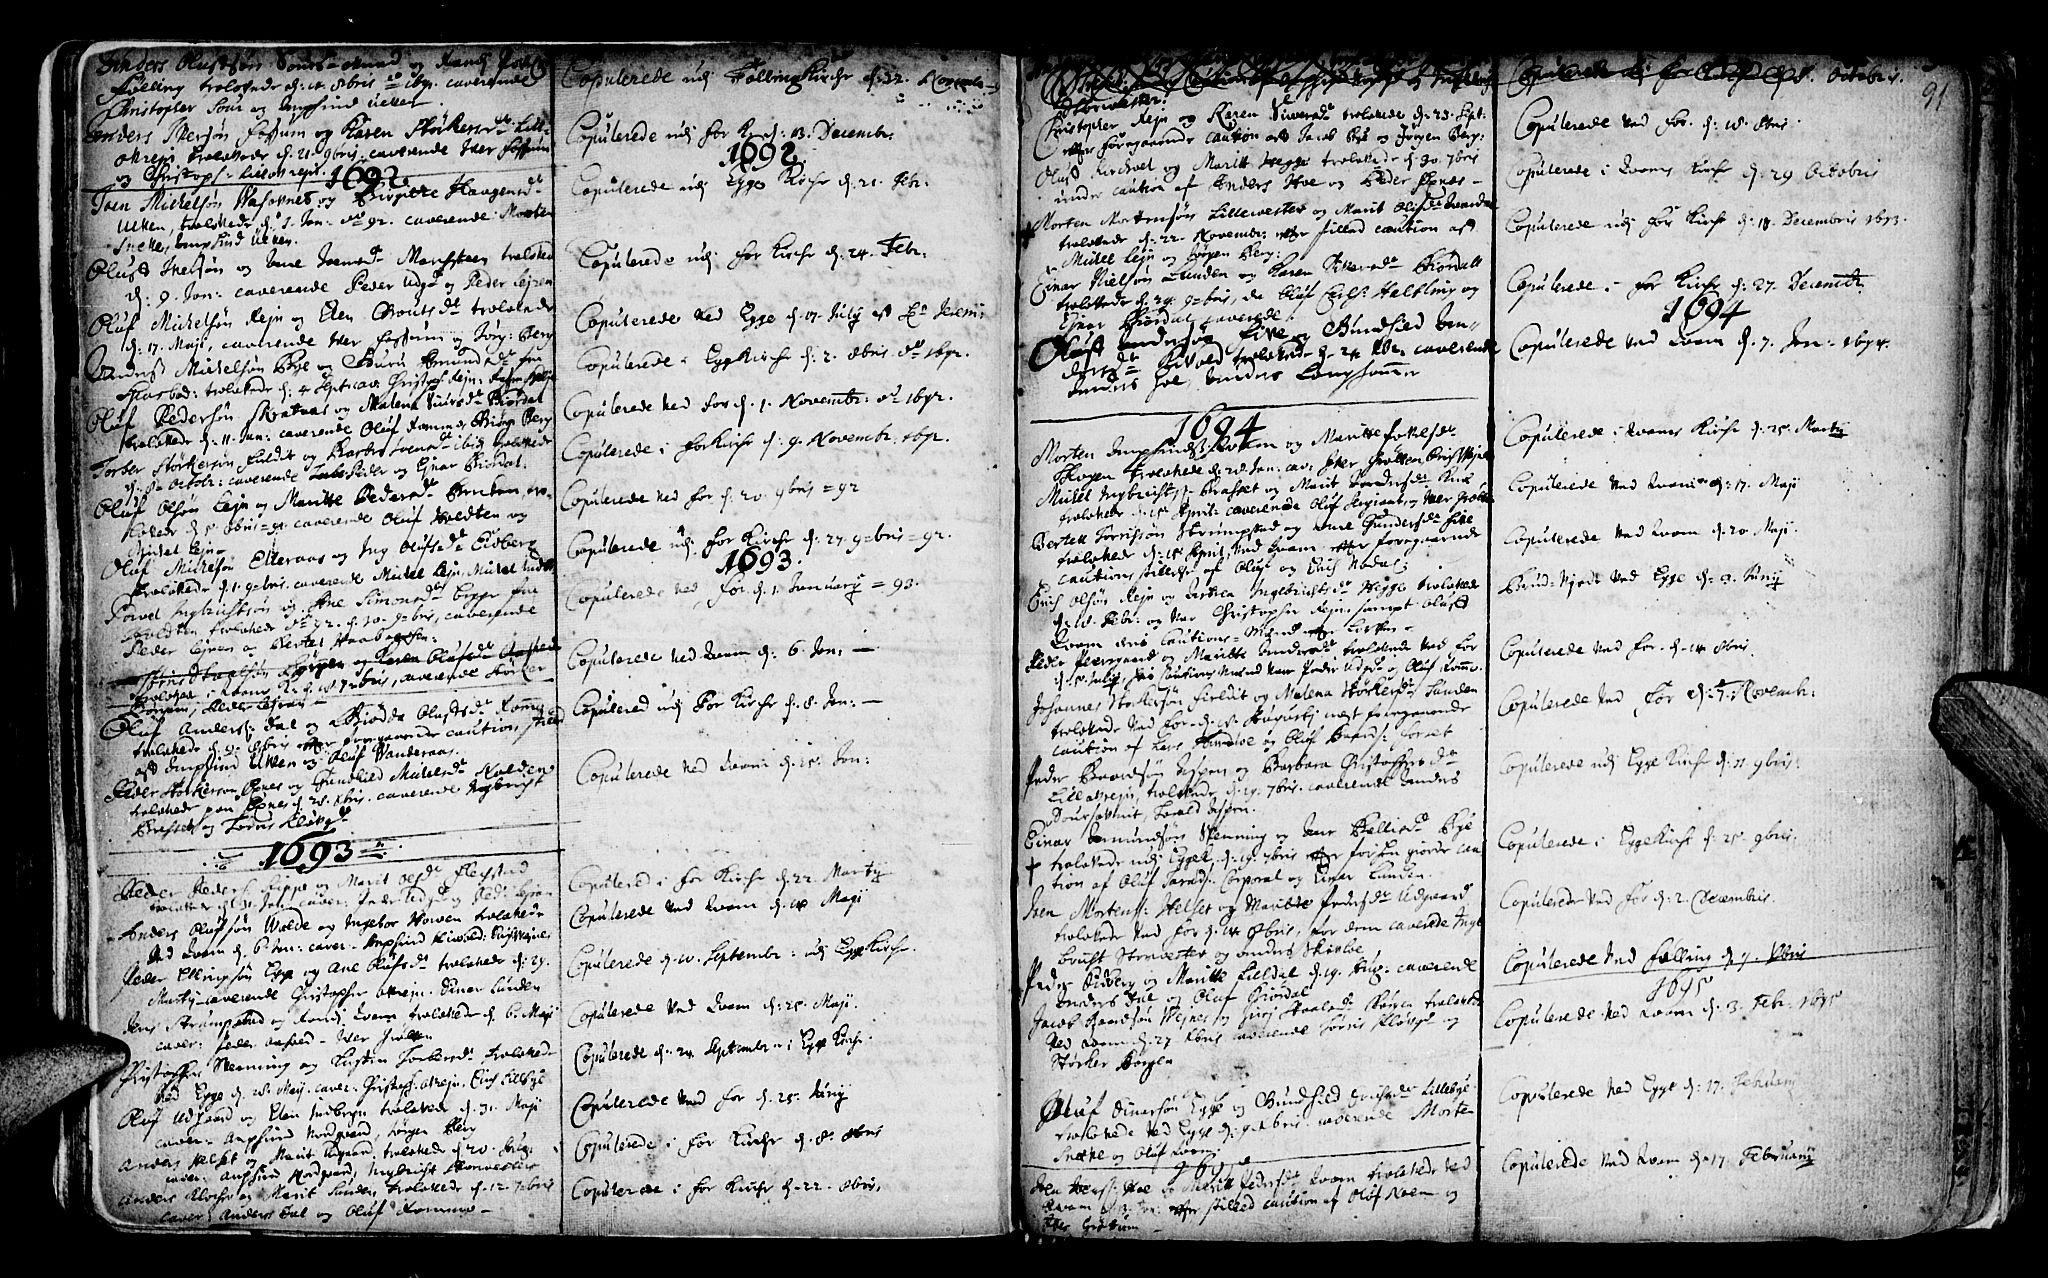 SAT, Ministerialprotokoller, klokkerbøker og fødselsregistre - Nord-Trøndelag, 746/L0439: Ministerialbok nr. 746A01, 1688-1759, s. 91